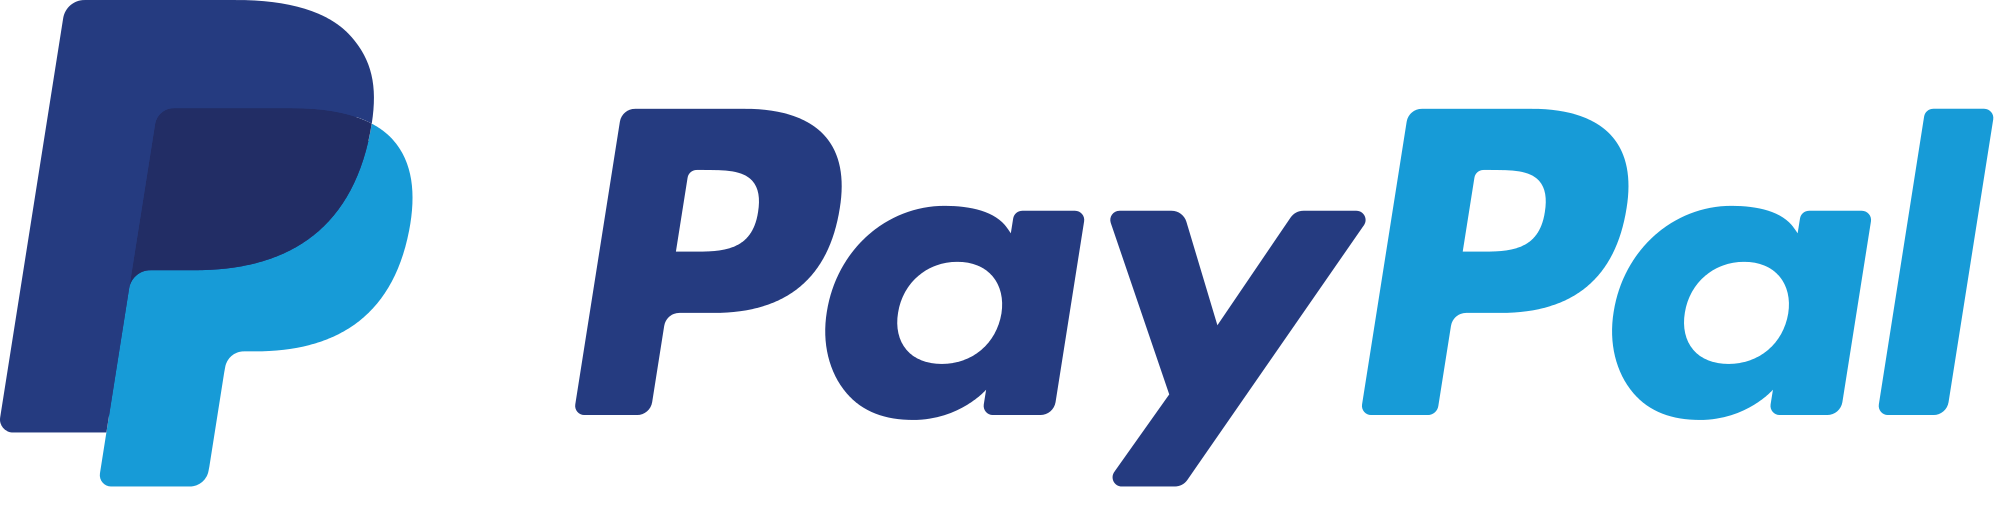 Paypal coupon codes